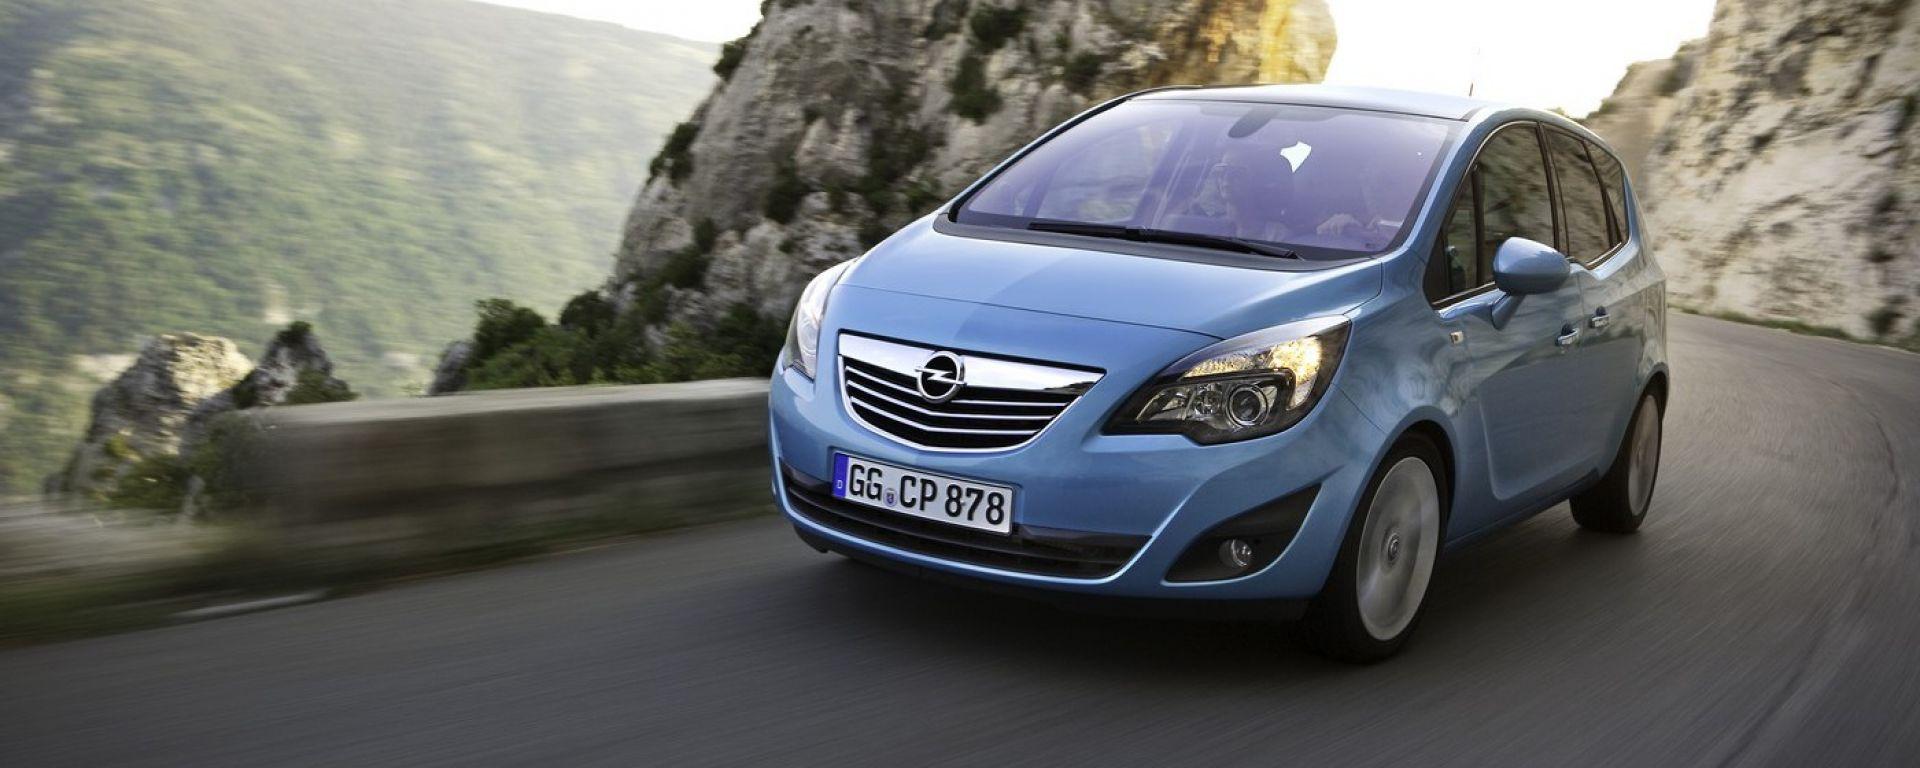 Opel Meriva Turbodiesel